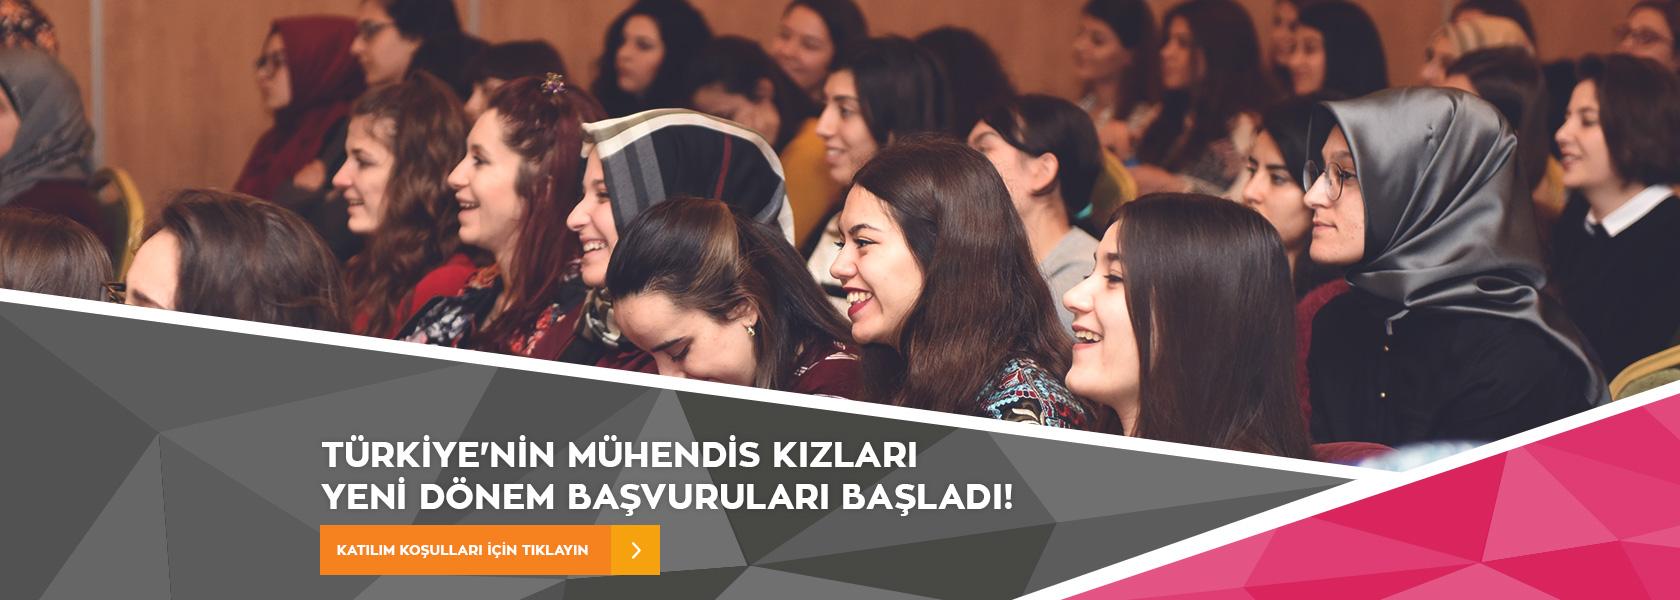 Türkiye'nin Mühendis Kızları yeni Dönem Başvuruları Başladı.